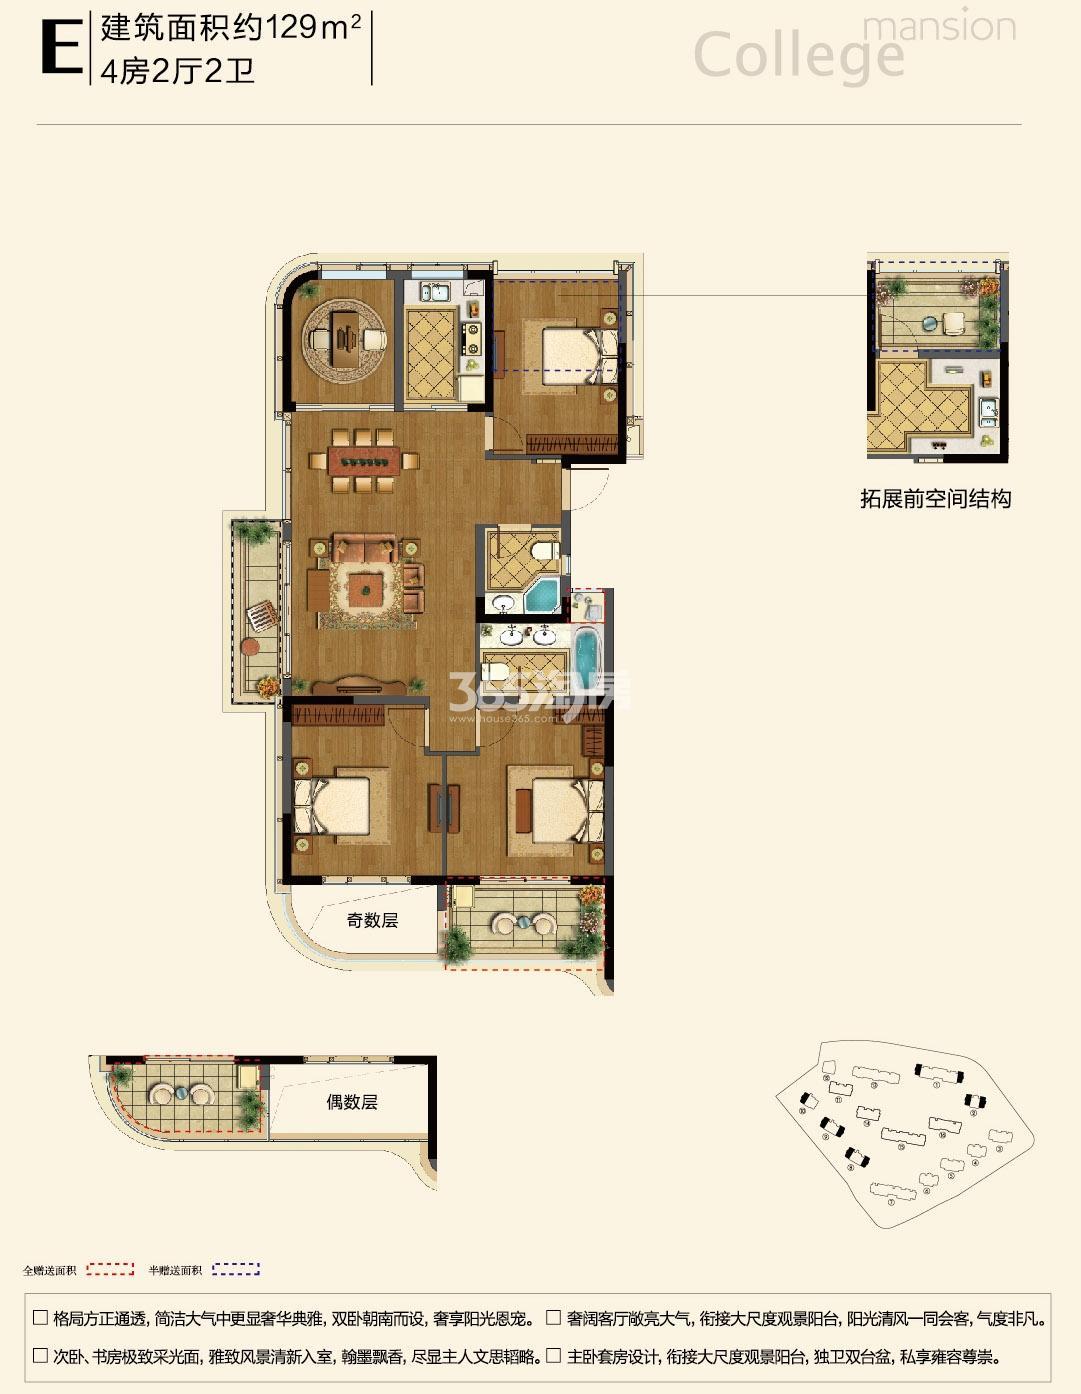 融信学院府项目1、2、8-10号楼边套 E户型 129㎡